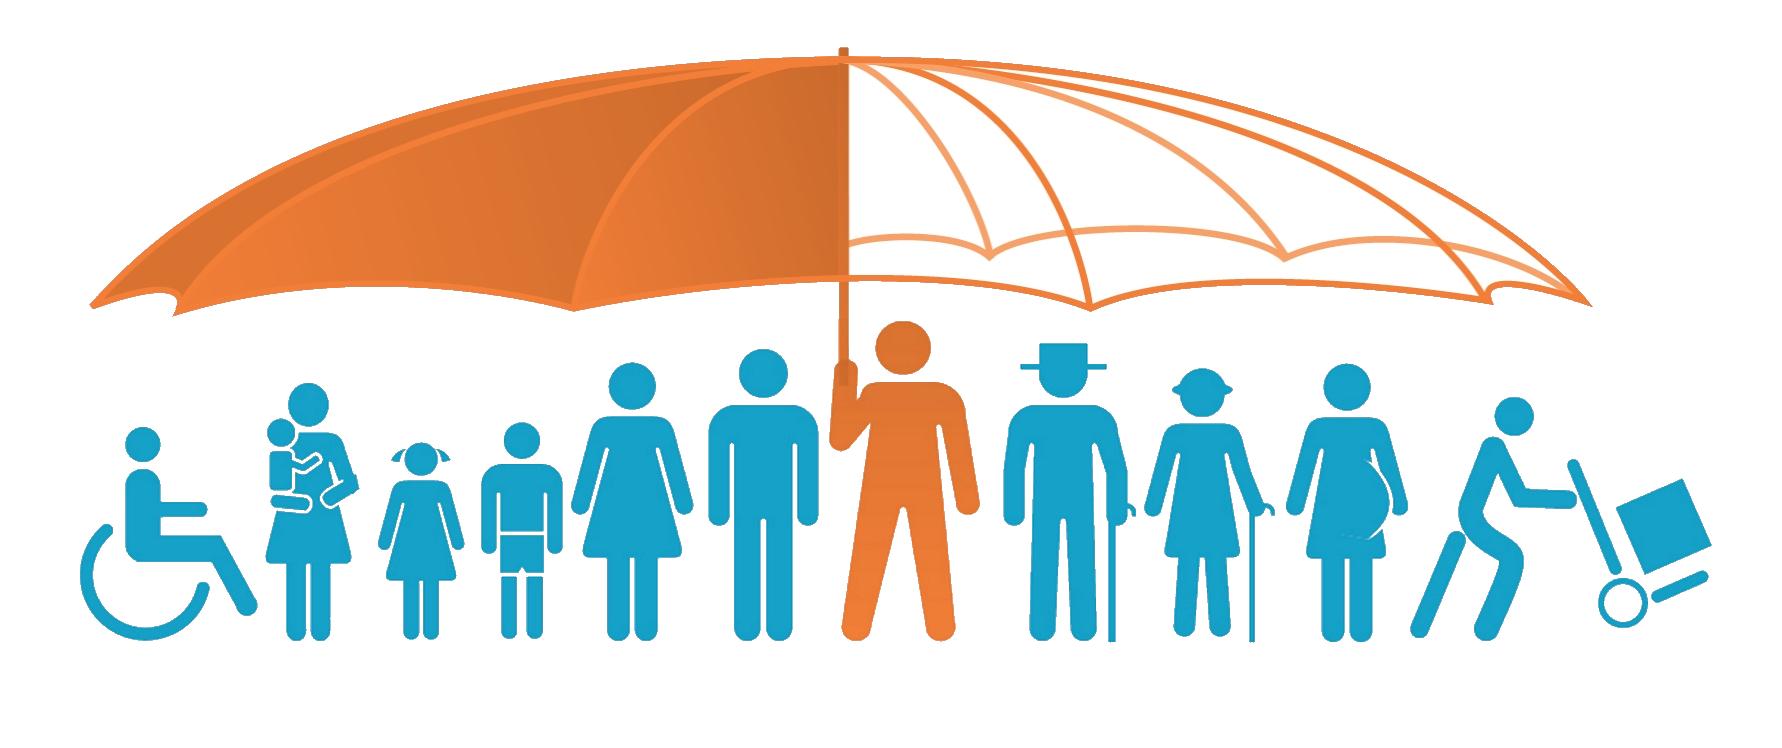 استمارة 1 تامينات - شرح س1 تأمينات